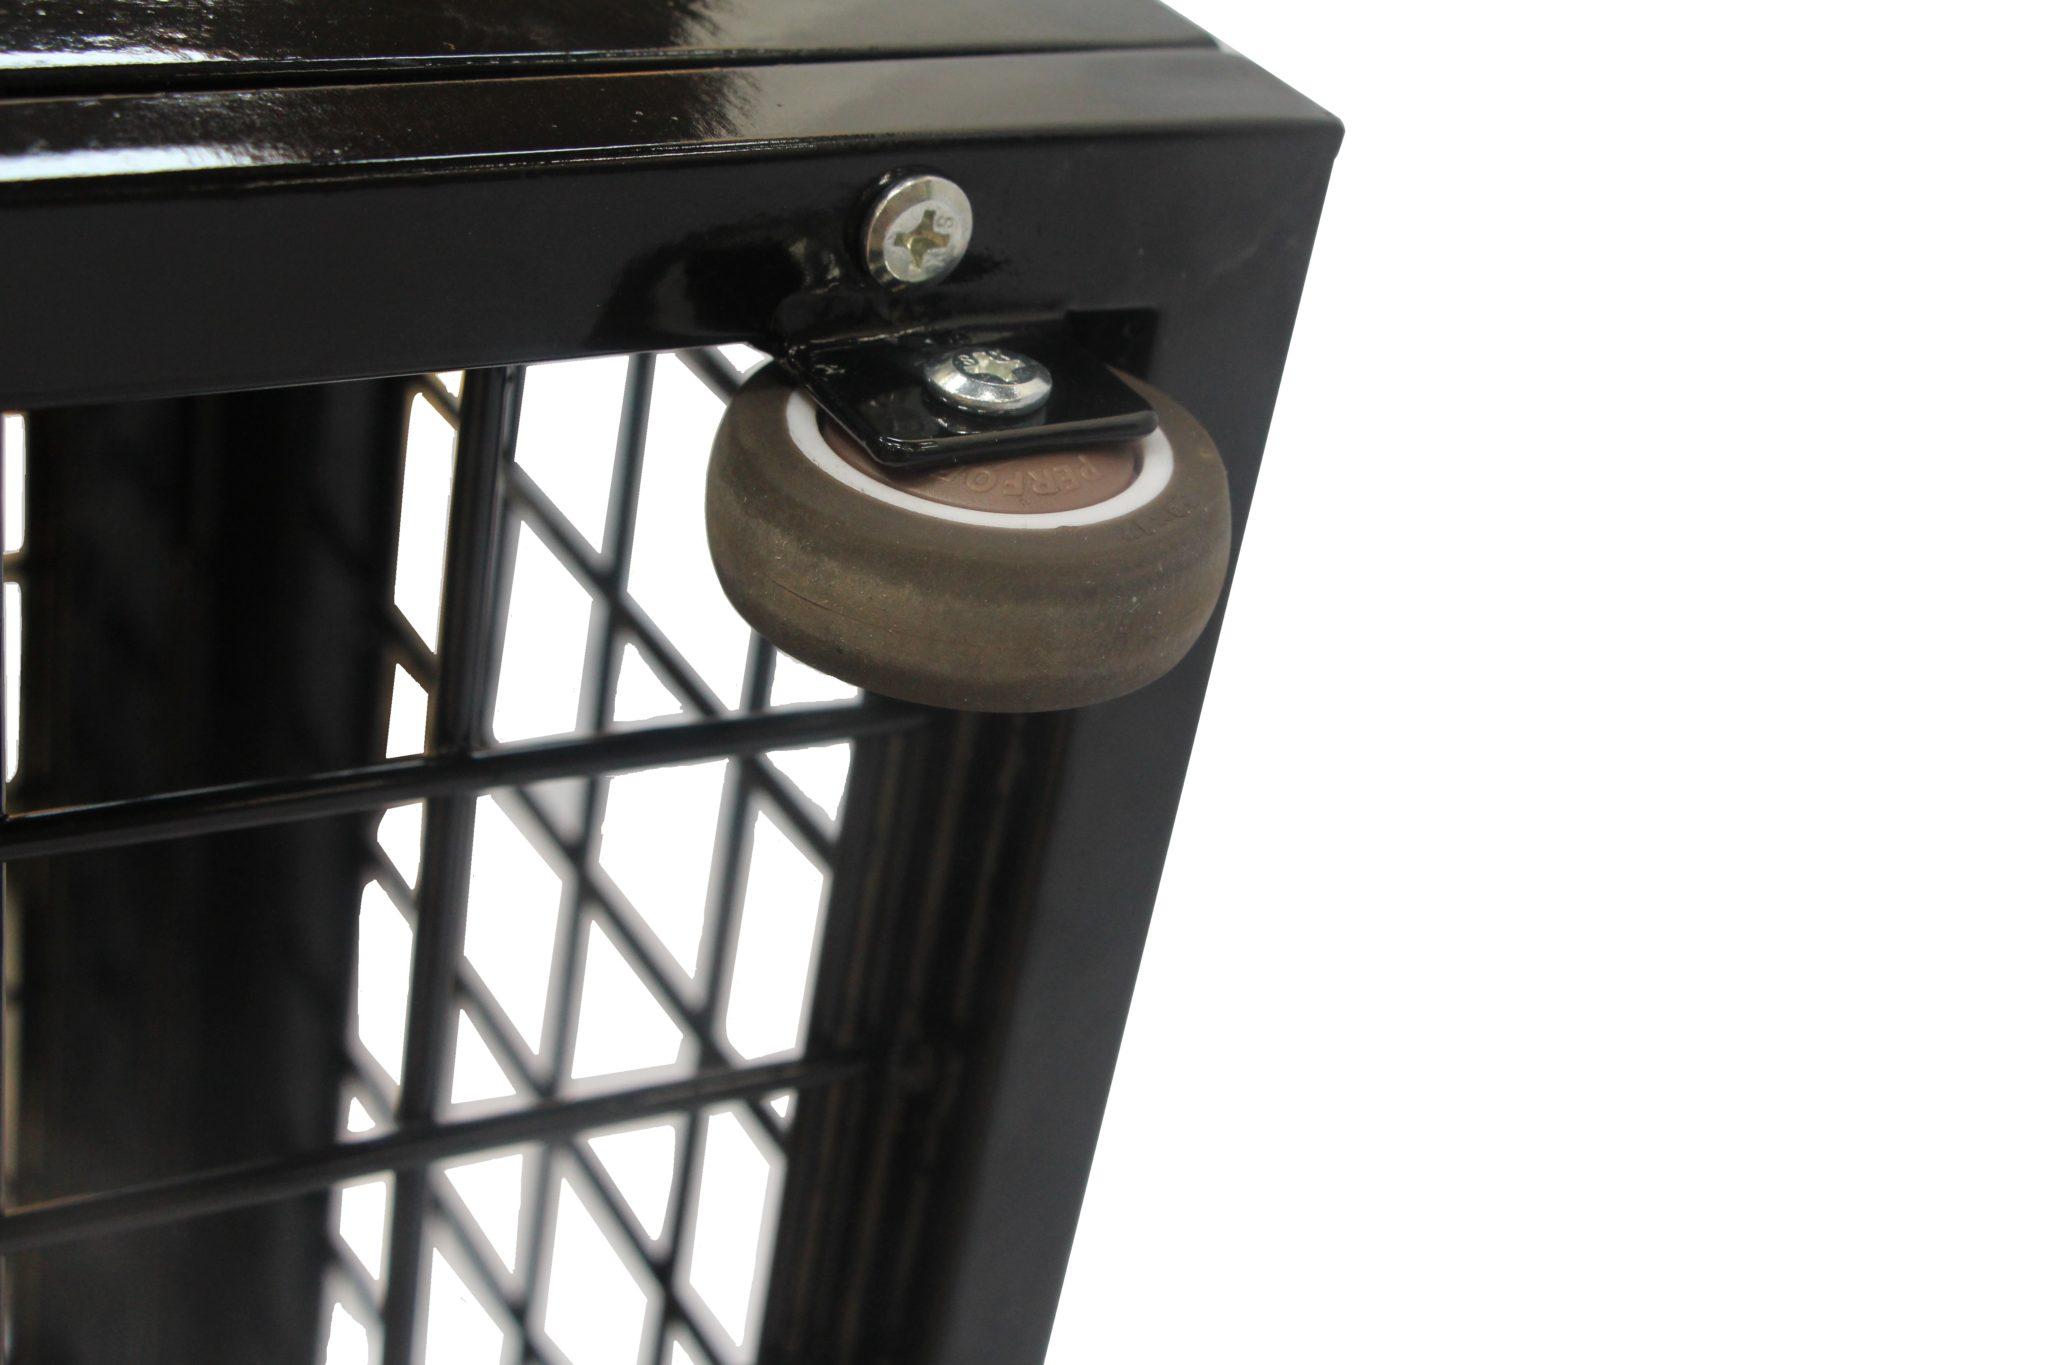 Metal Under Bed Storage Lockers Easy Glide Wheels